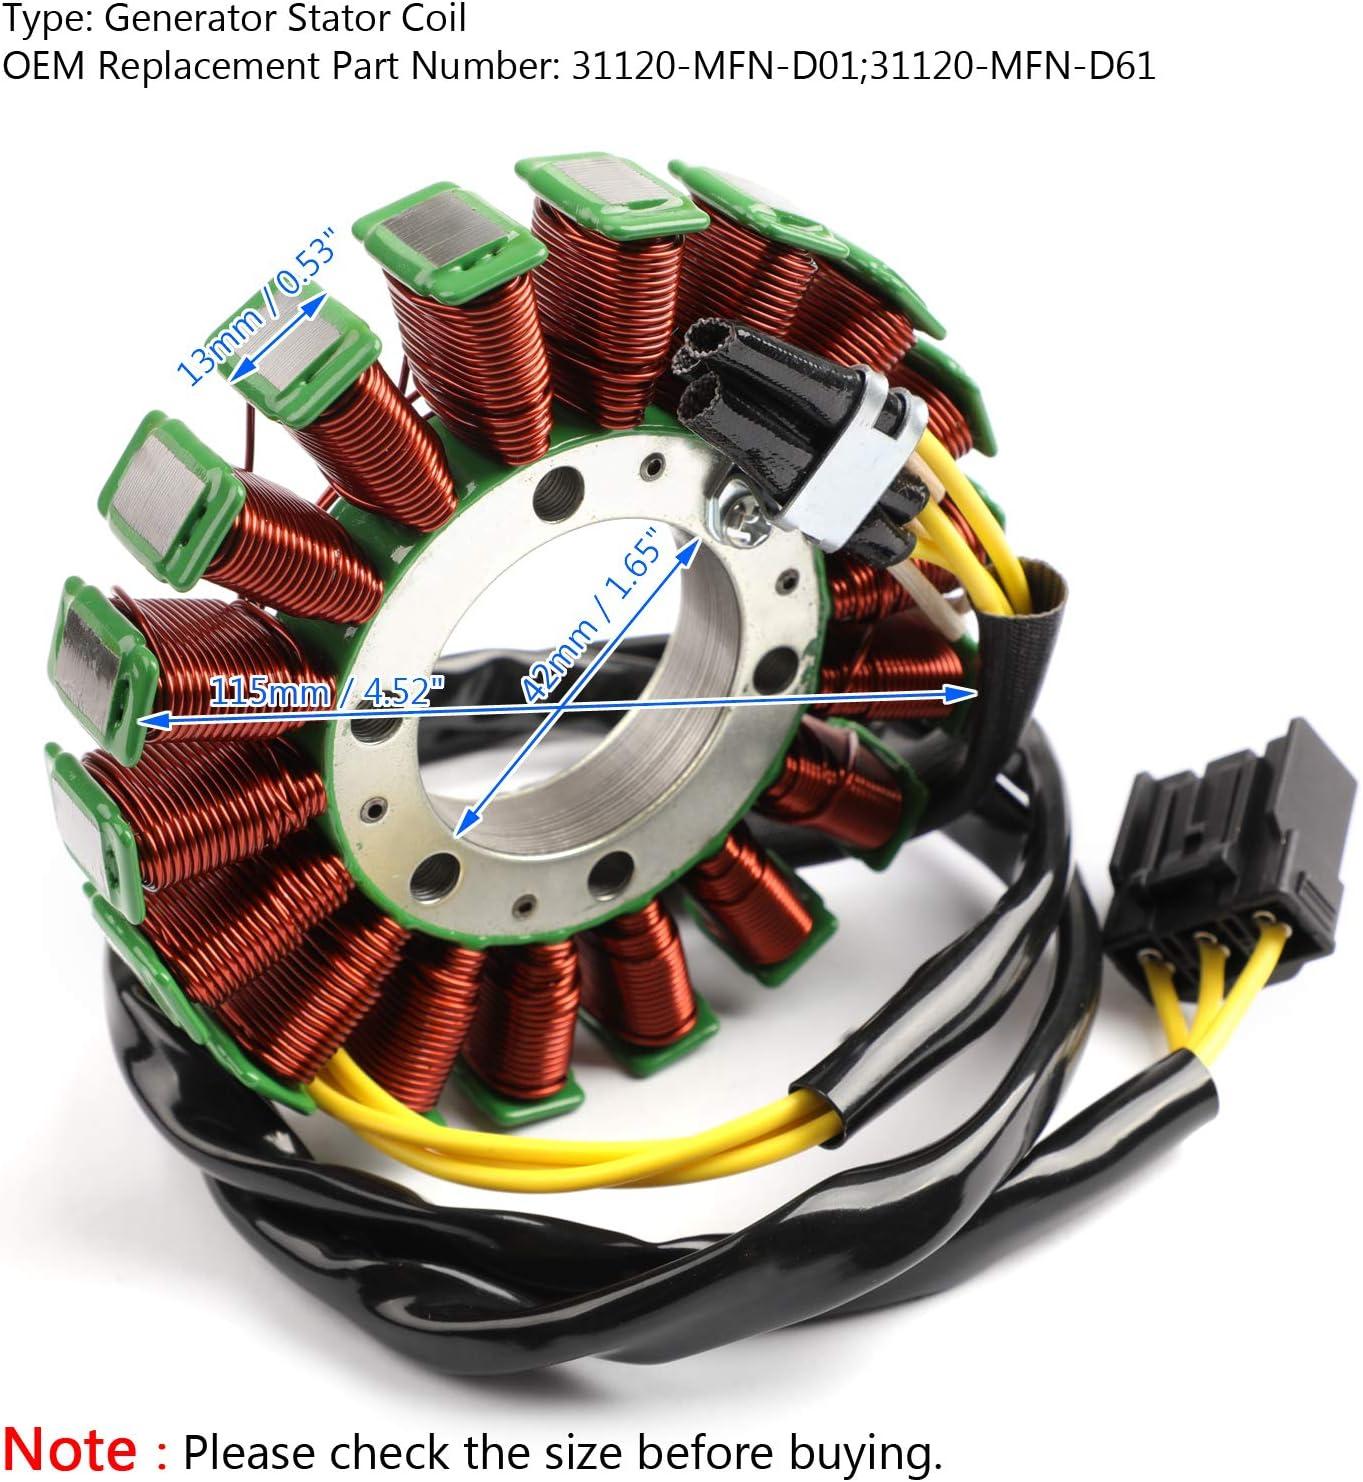 Magneto Generator Stator Coil For Hon-da CB 1000 R CB1000R 2009-16 31120-MFN-D61